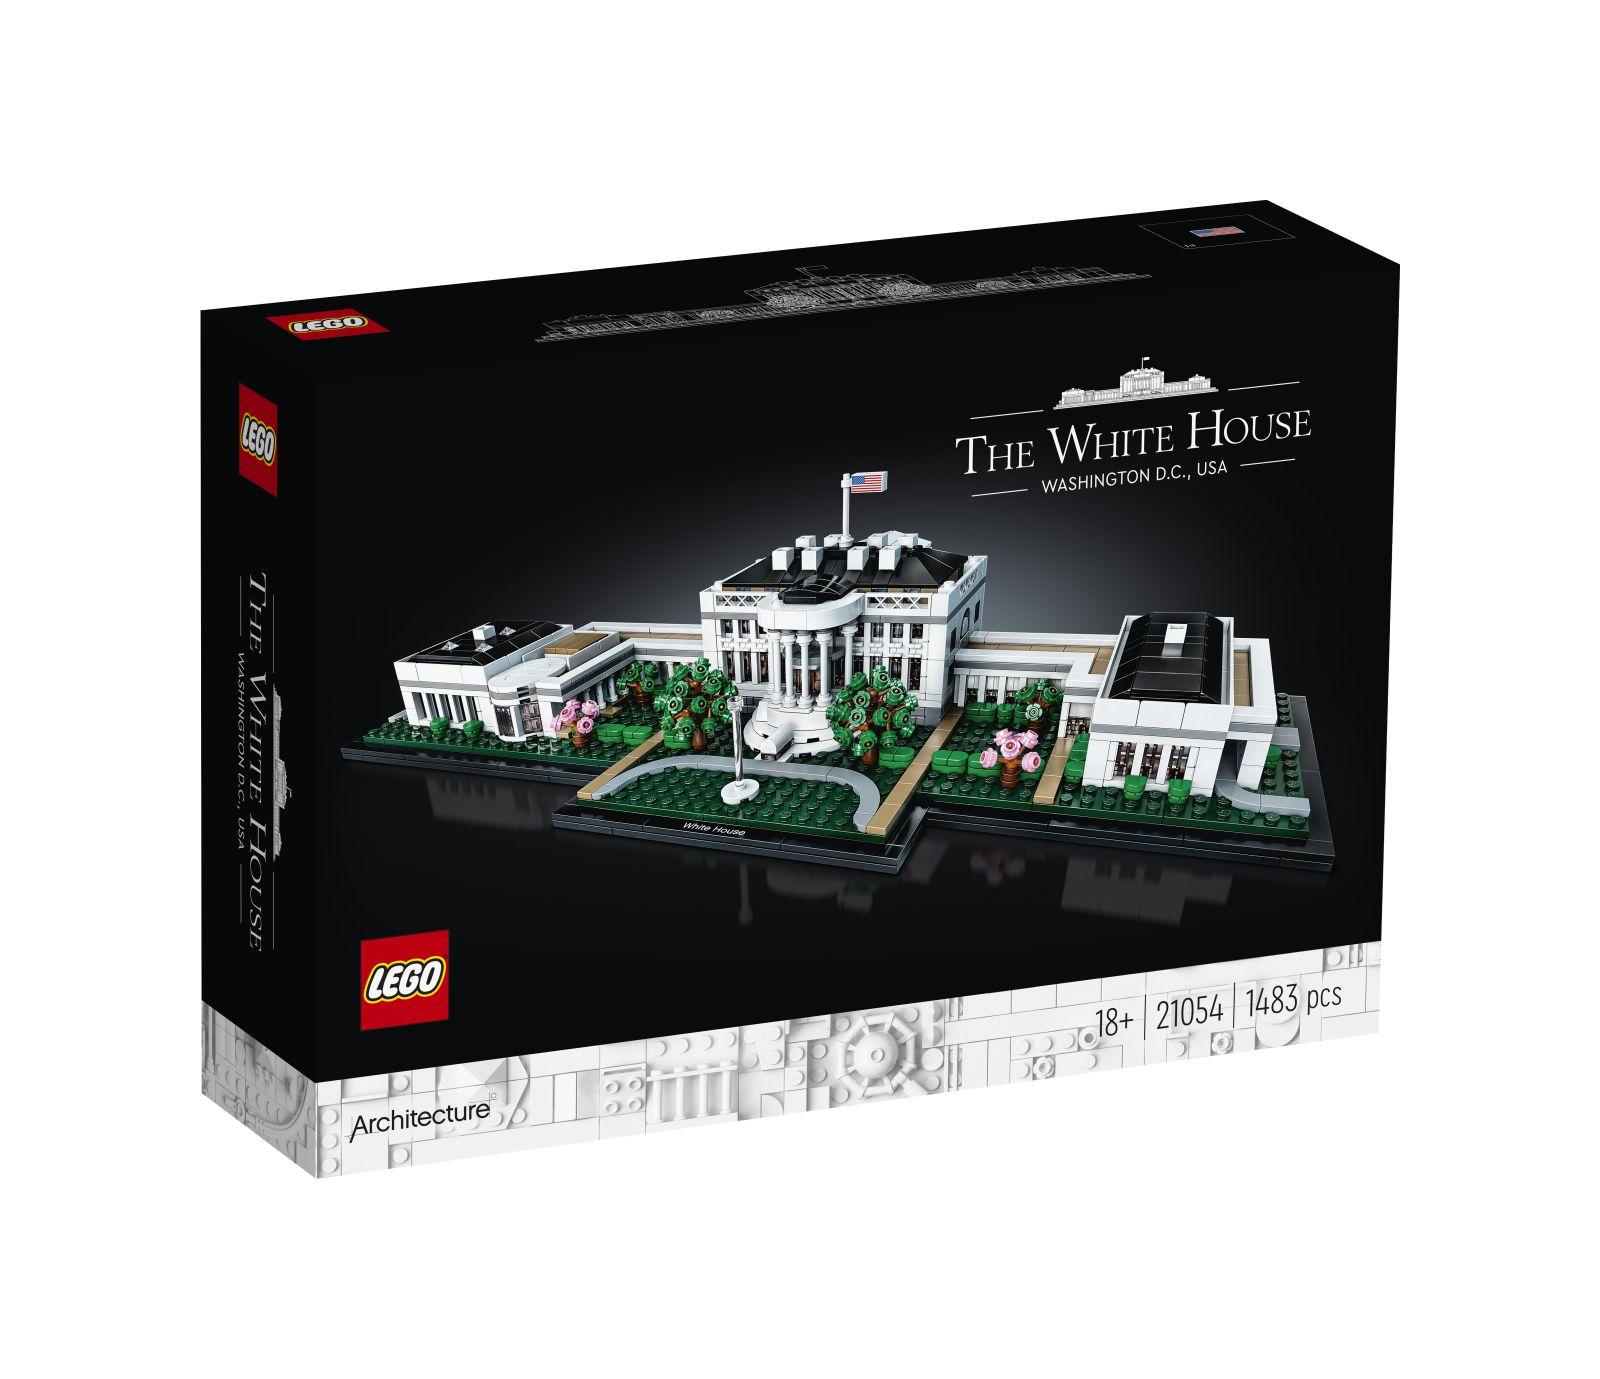 Lego architecture la casa bianca - 21054 - LEGO ARCHITECTURE